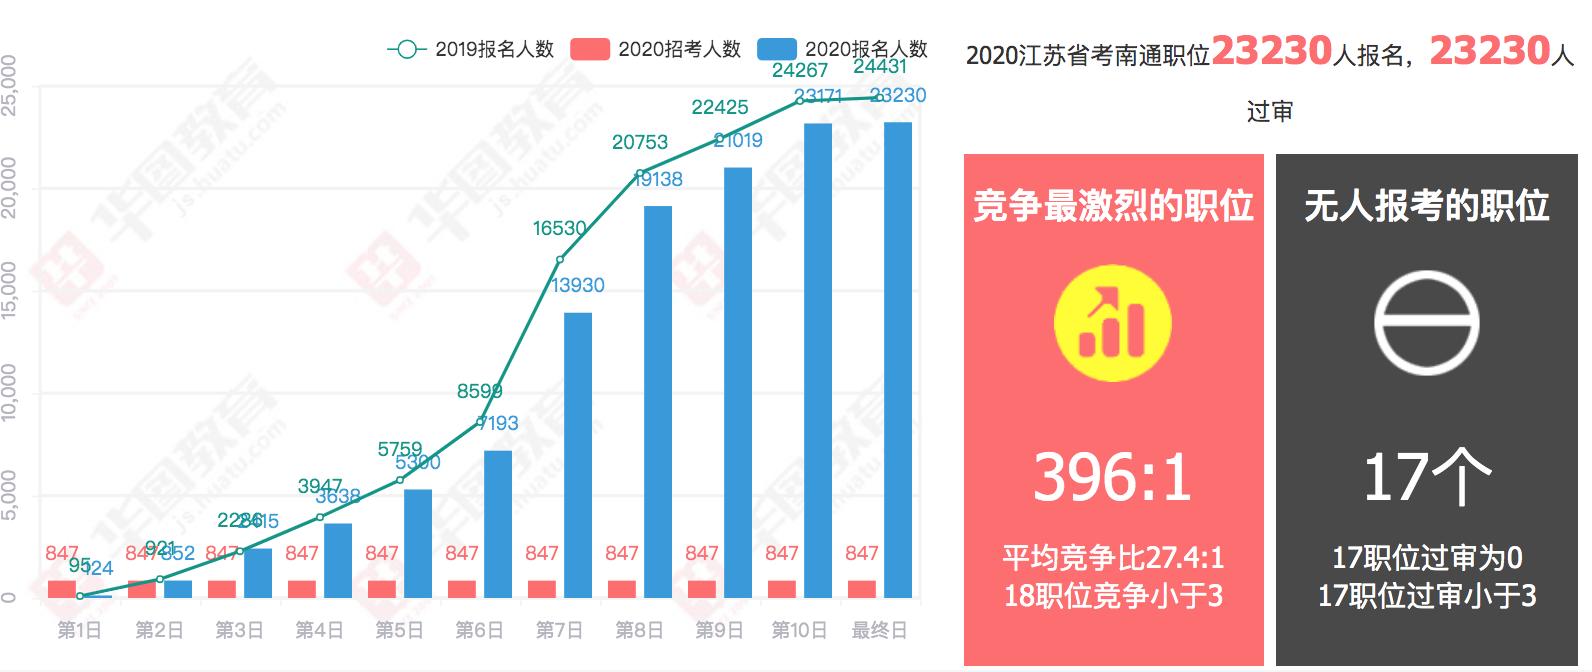 南通2020人口数_历年南通人口